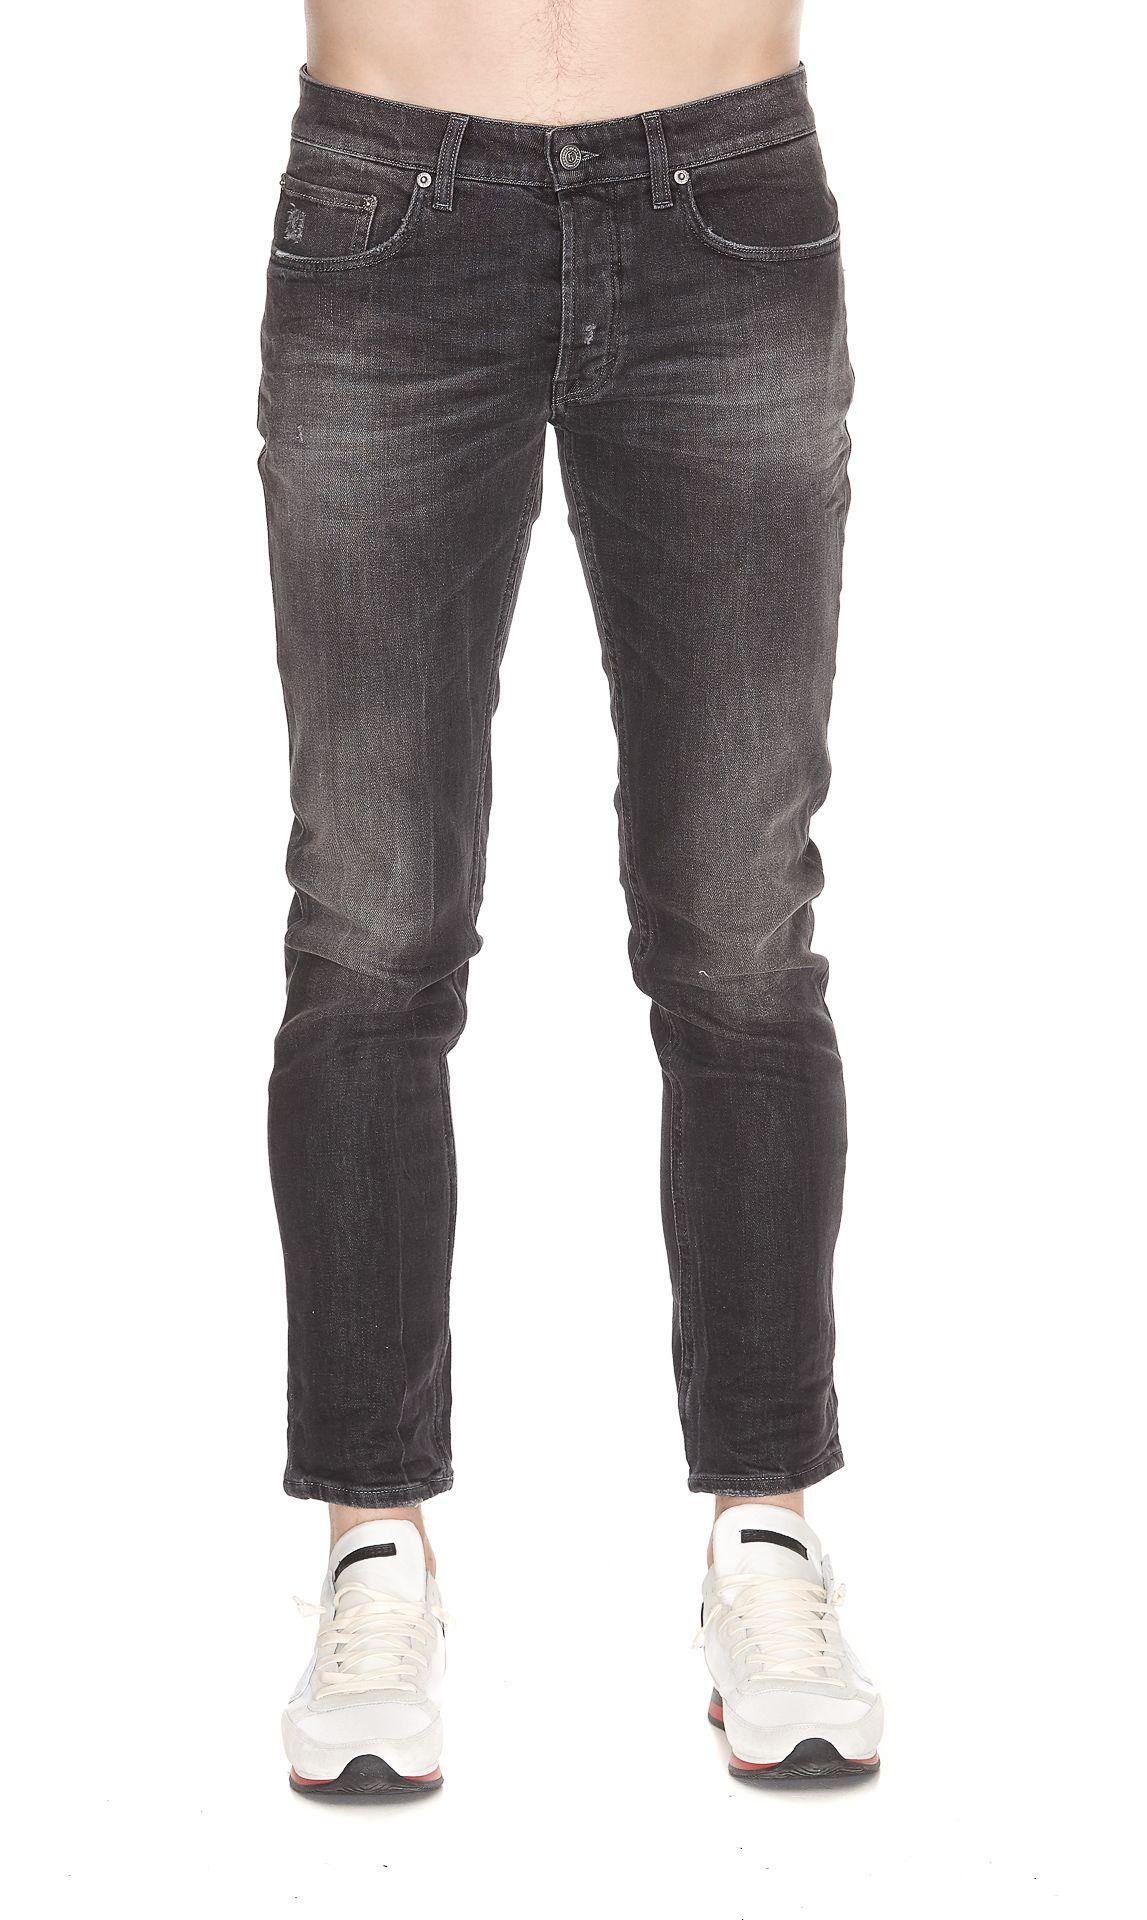 Cheap Sale Websites Keith jeans - Black Department 5 Best Bulk Designs Cheap Online lOEUUsdb9